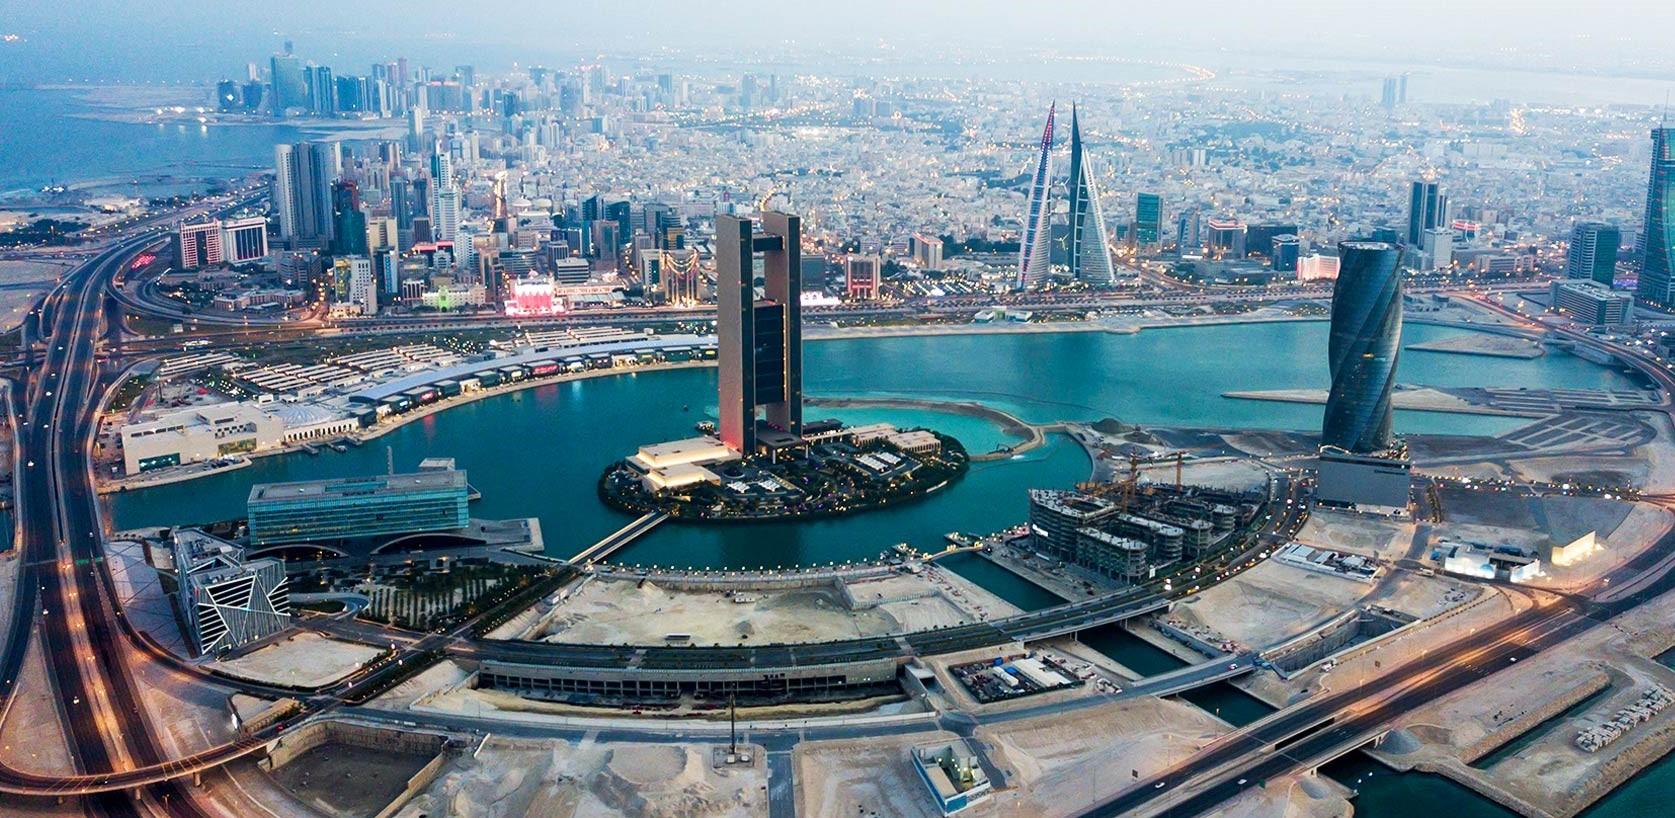 گردشگری بحرین - معرفی کشور بحرین